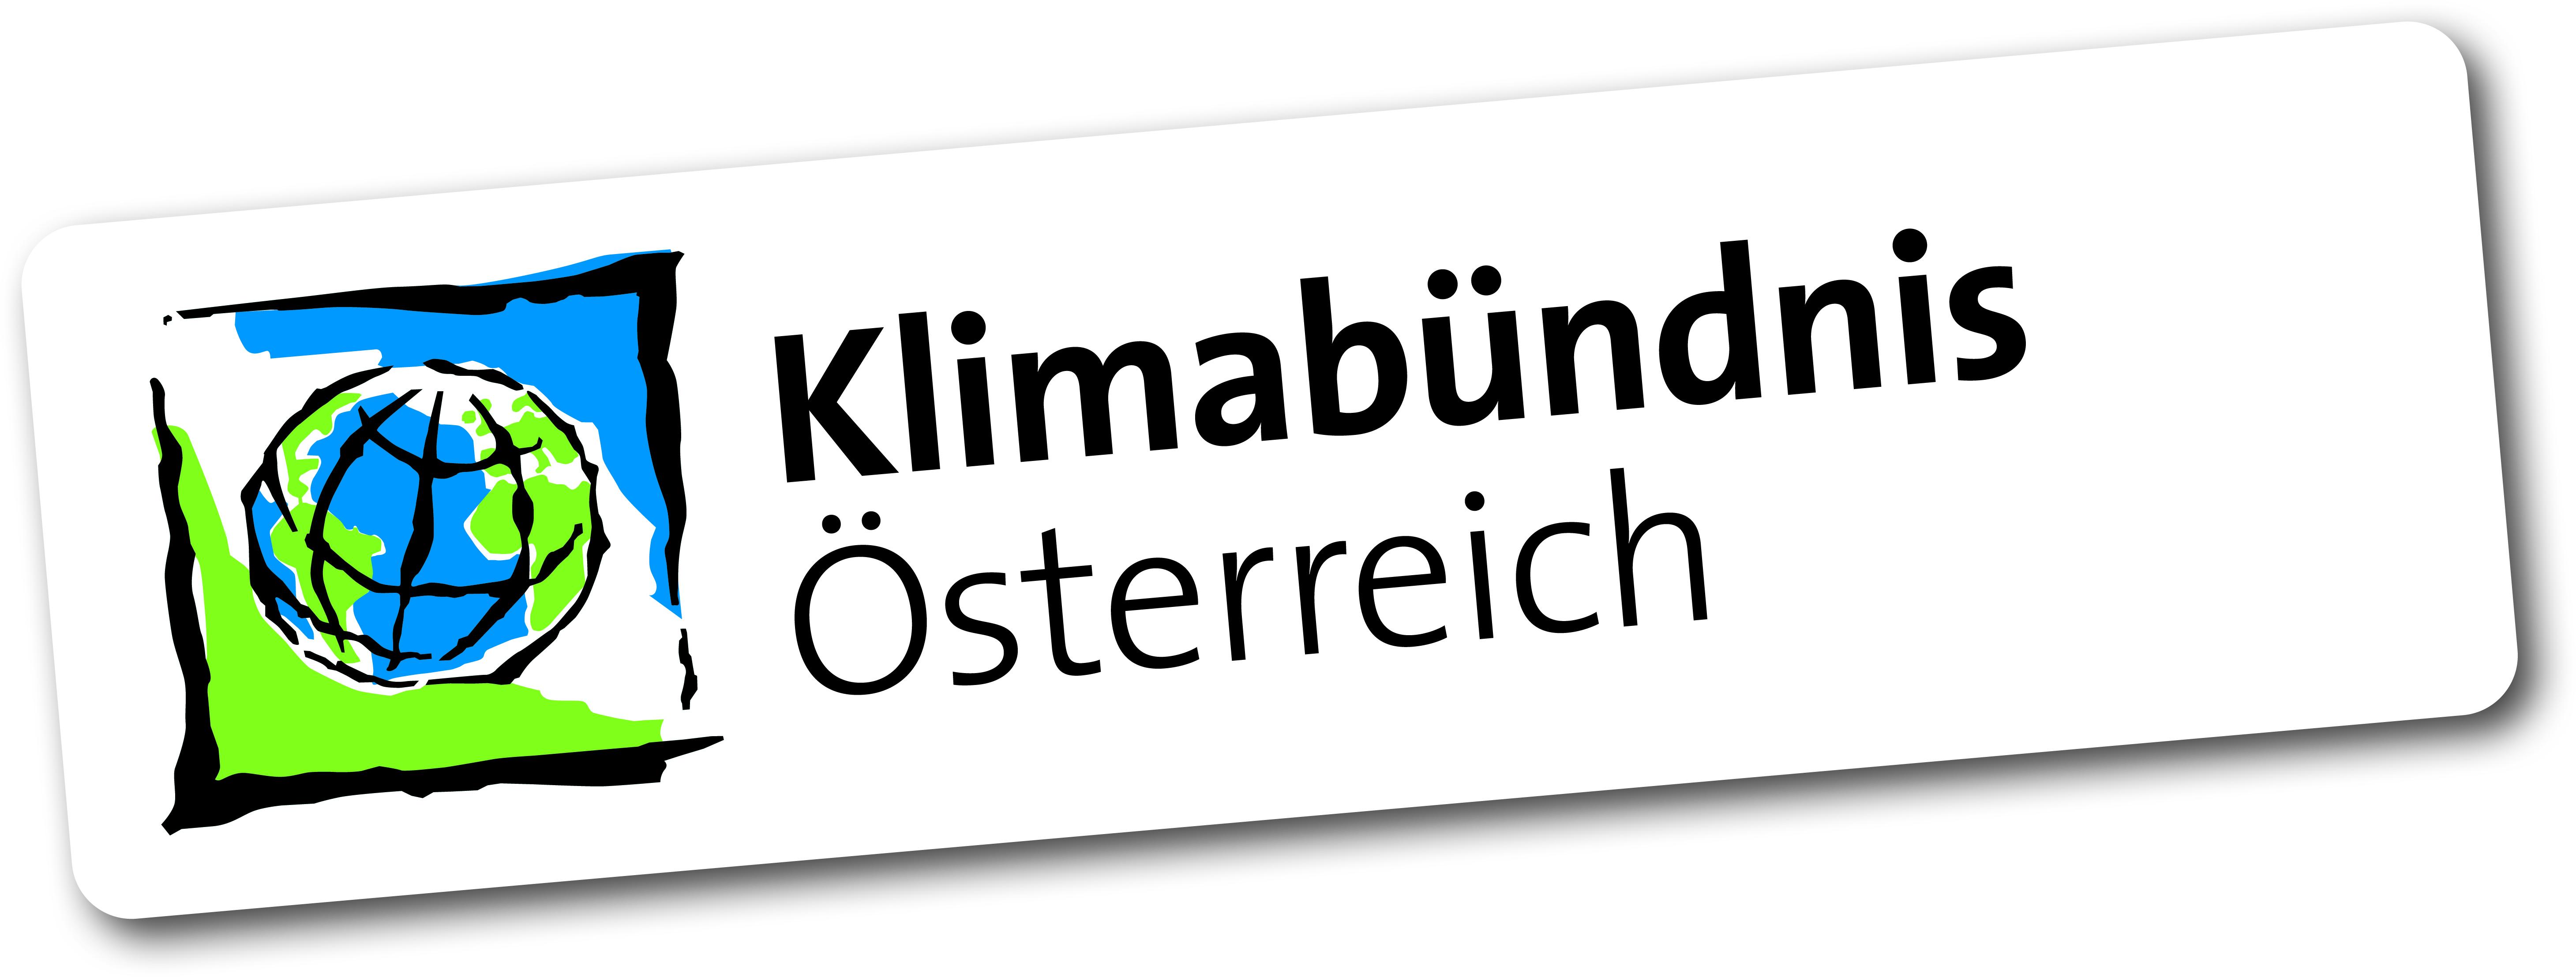 kbu_logo_oesterreich.jpg